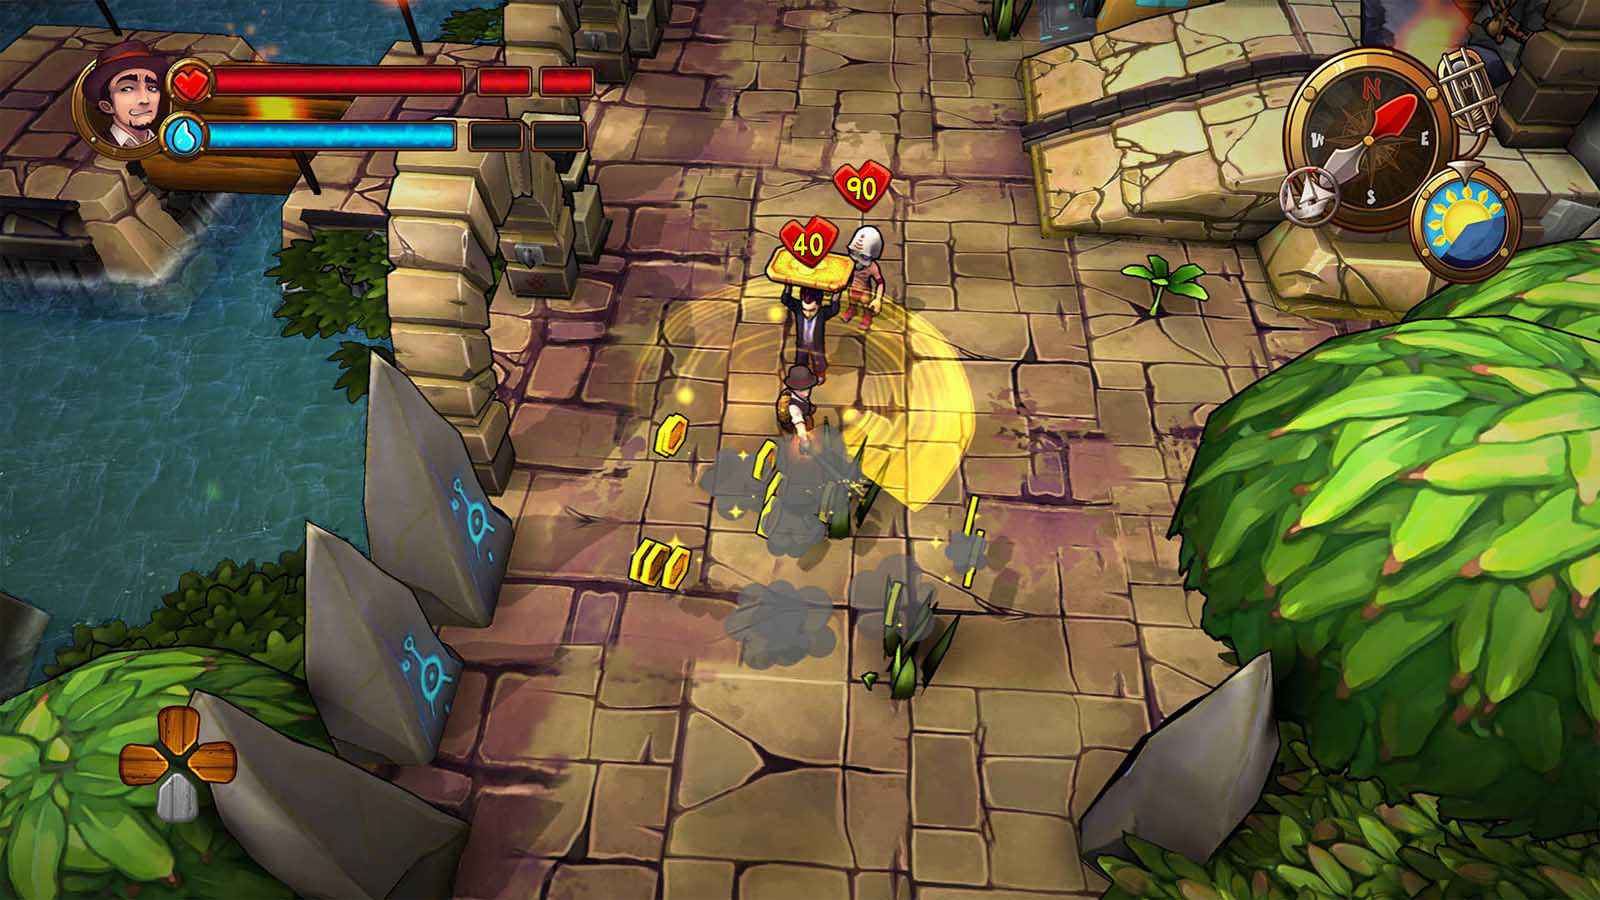 تحميل لعبة Lost Sea مضغوطة برابط واحد مباشر كاملة مجانا